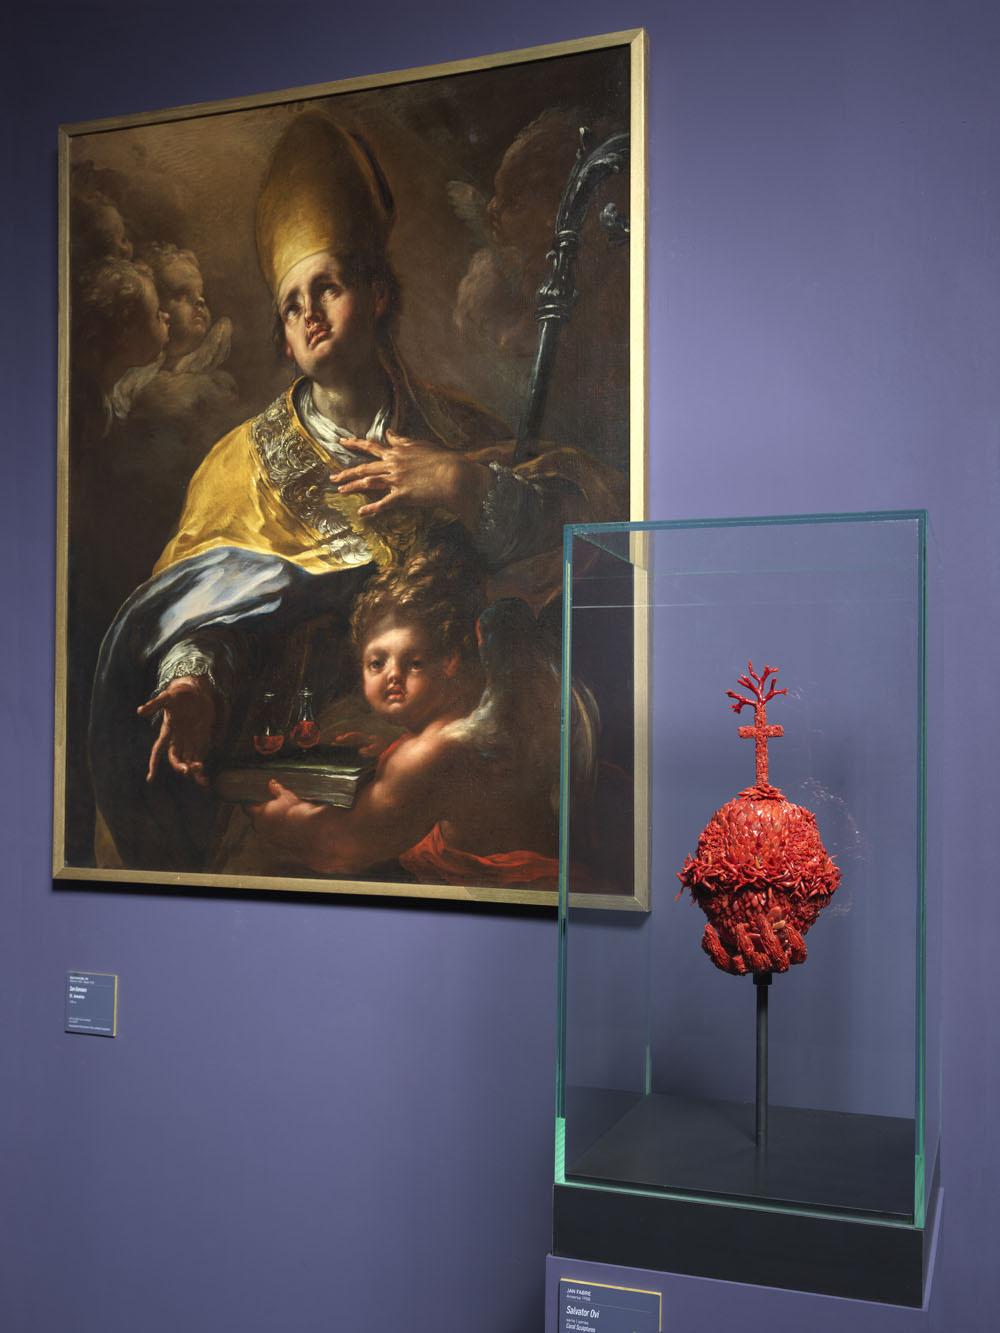 Jan Fabre_Oro Rosso_Museo e Real Bosco di Capodimonte_6940.jpg